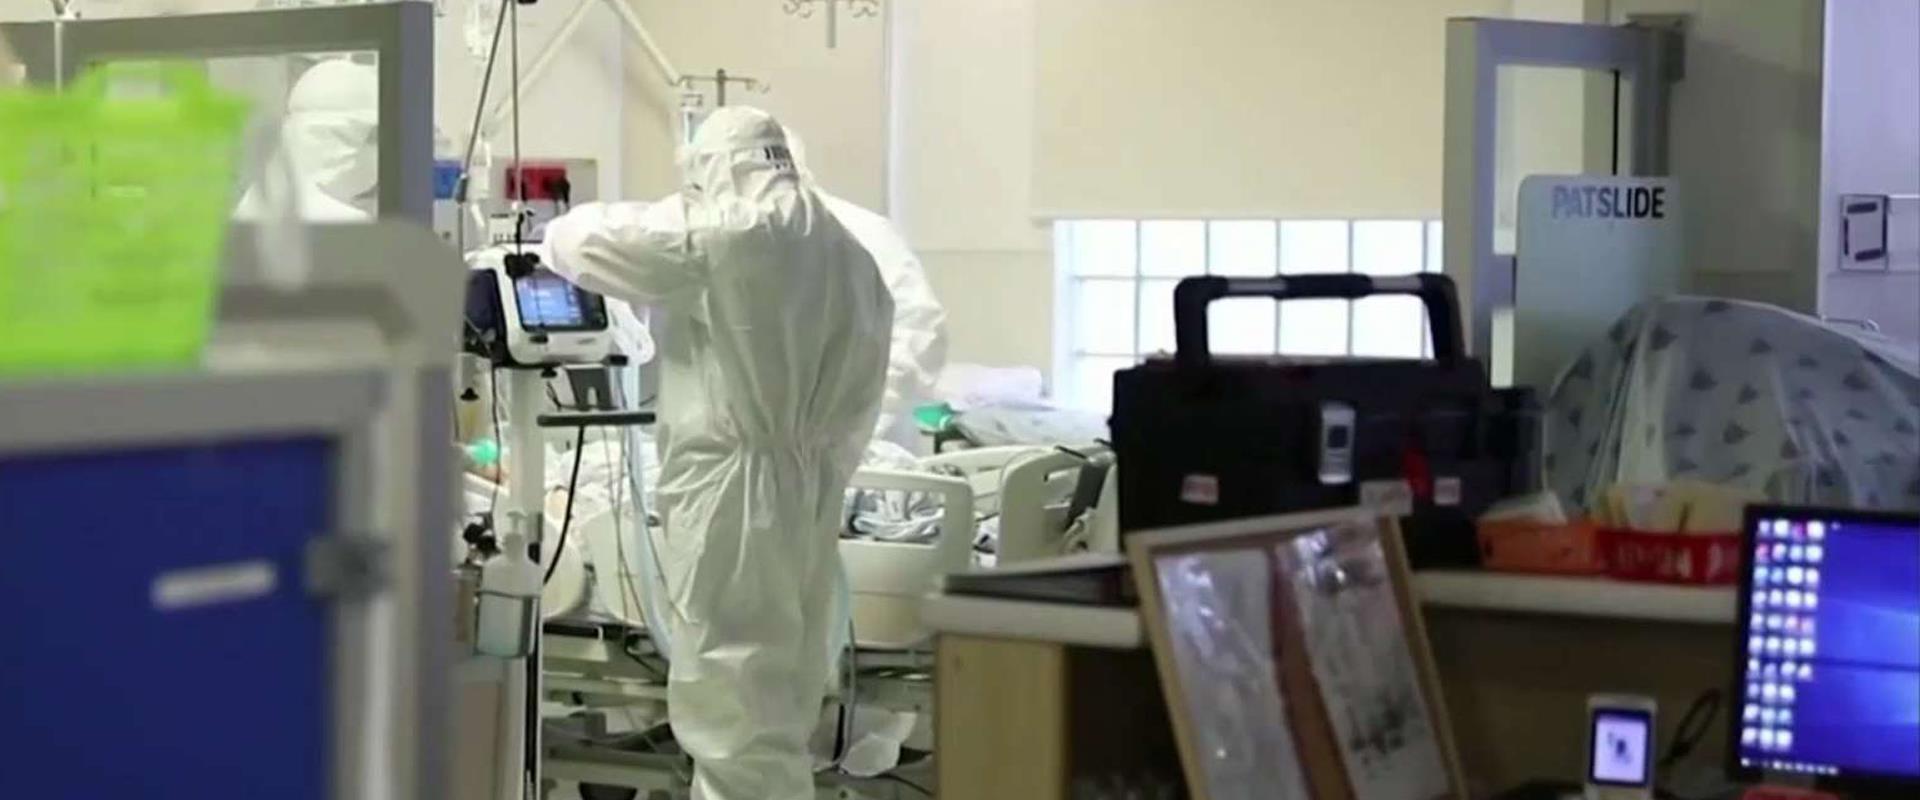 סולימאן - עדות ממחלקת קורונה